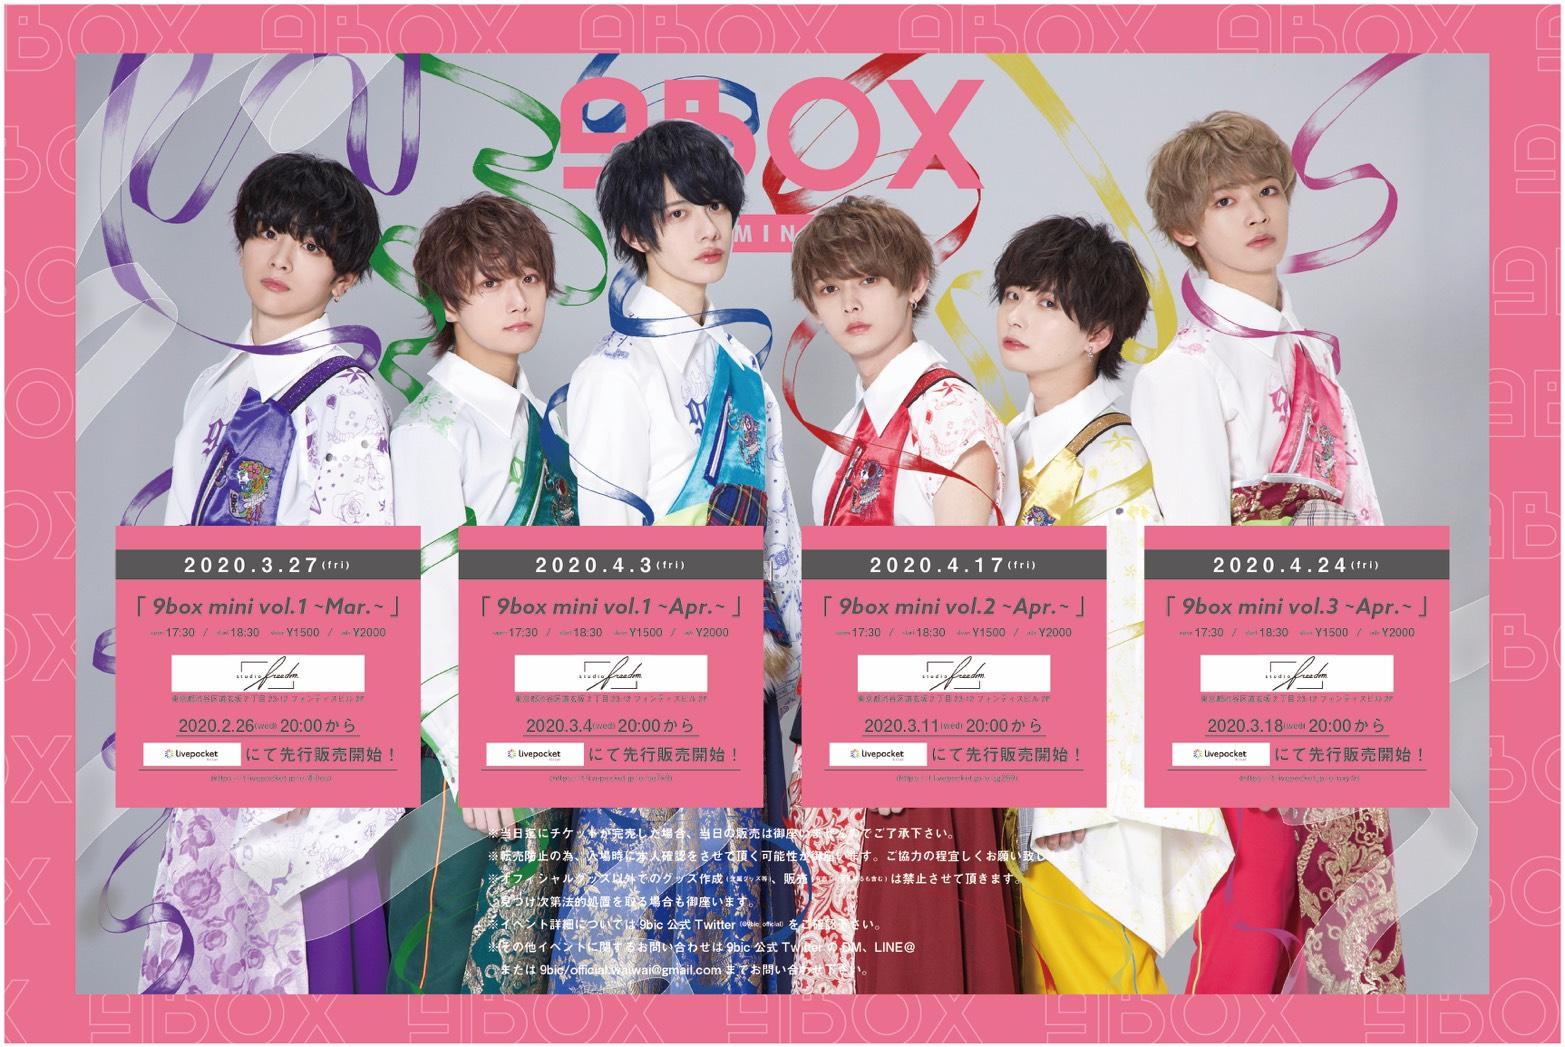 9box mini vol.1 ~Apr.~